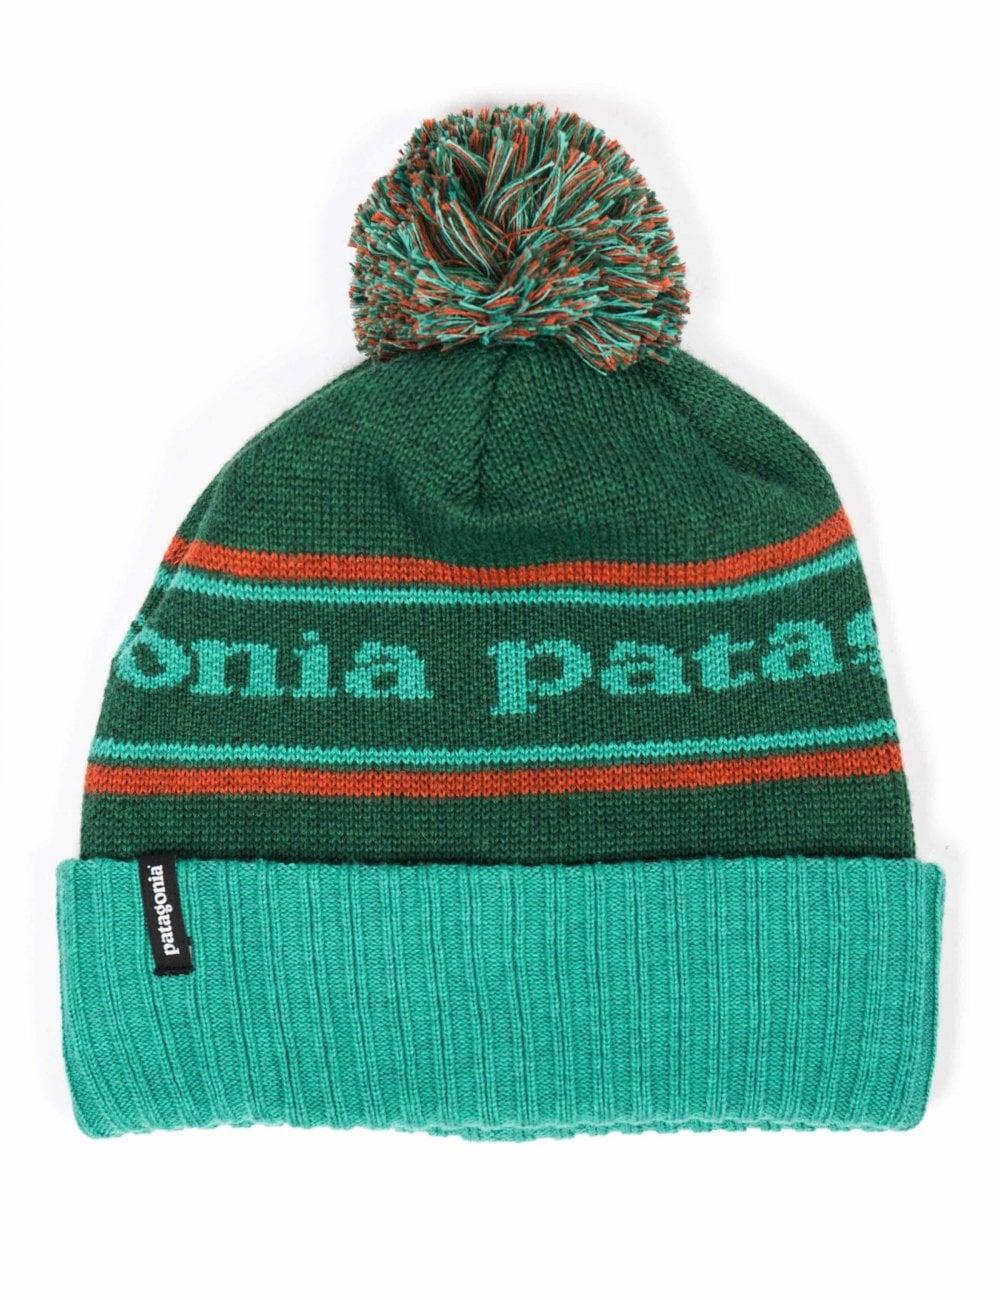 a19e90f0852 Patagonia Powder Town Beanie Hat - Park Stripe  Beryl Green ...